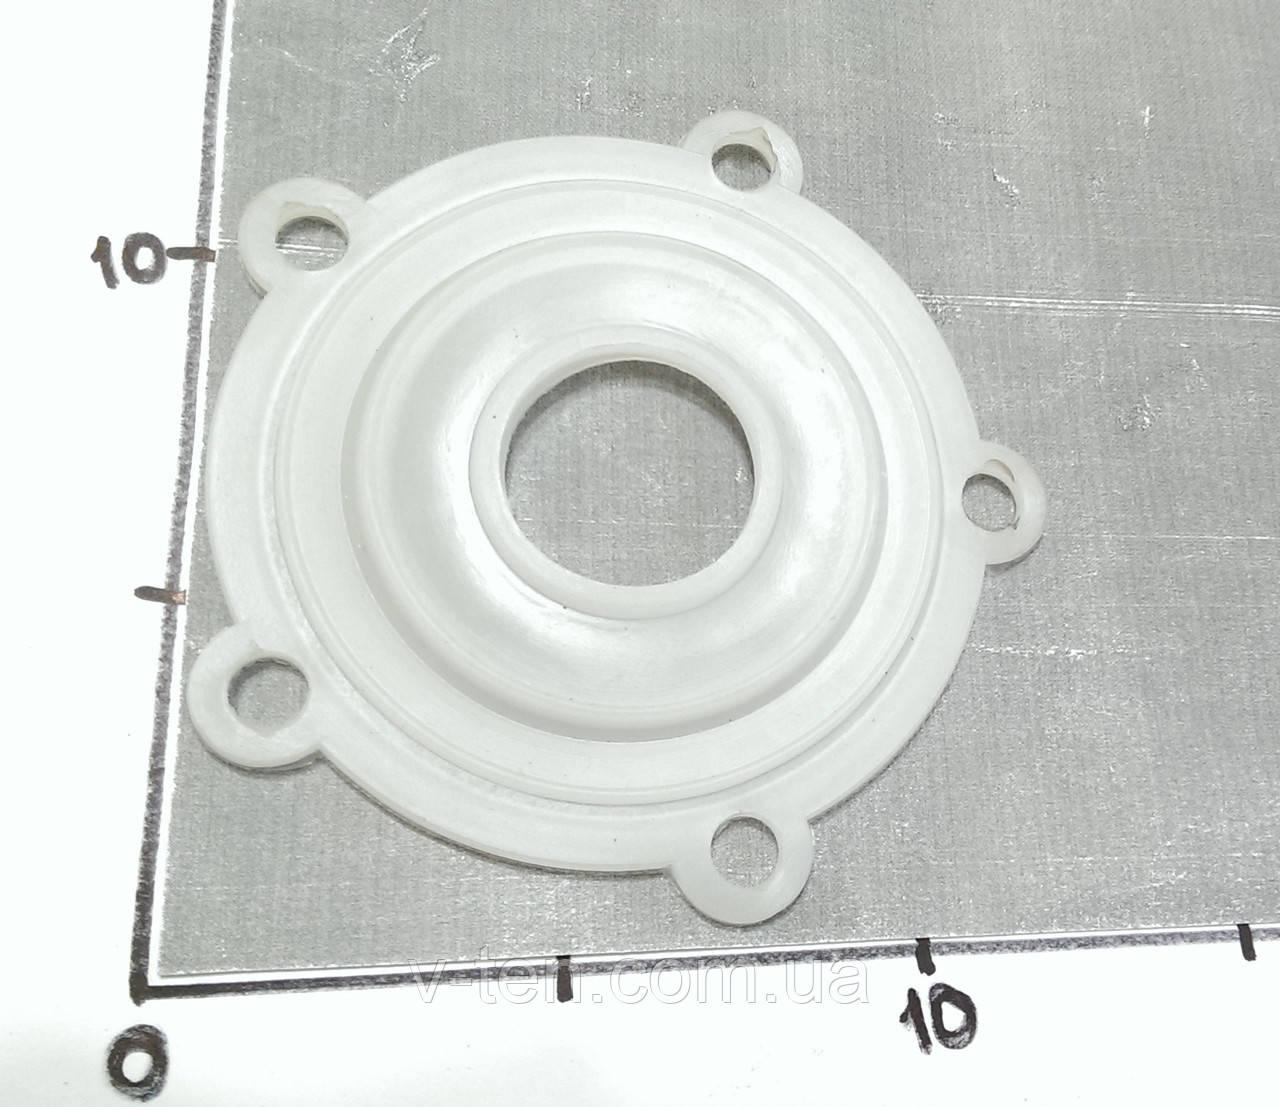 Прокладка резиновая для бойлера Ariston (большая)